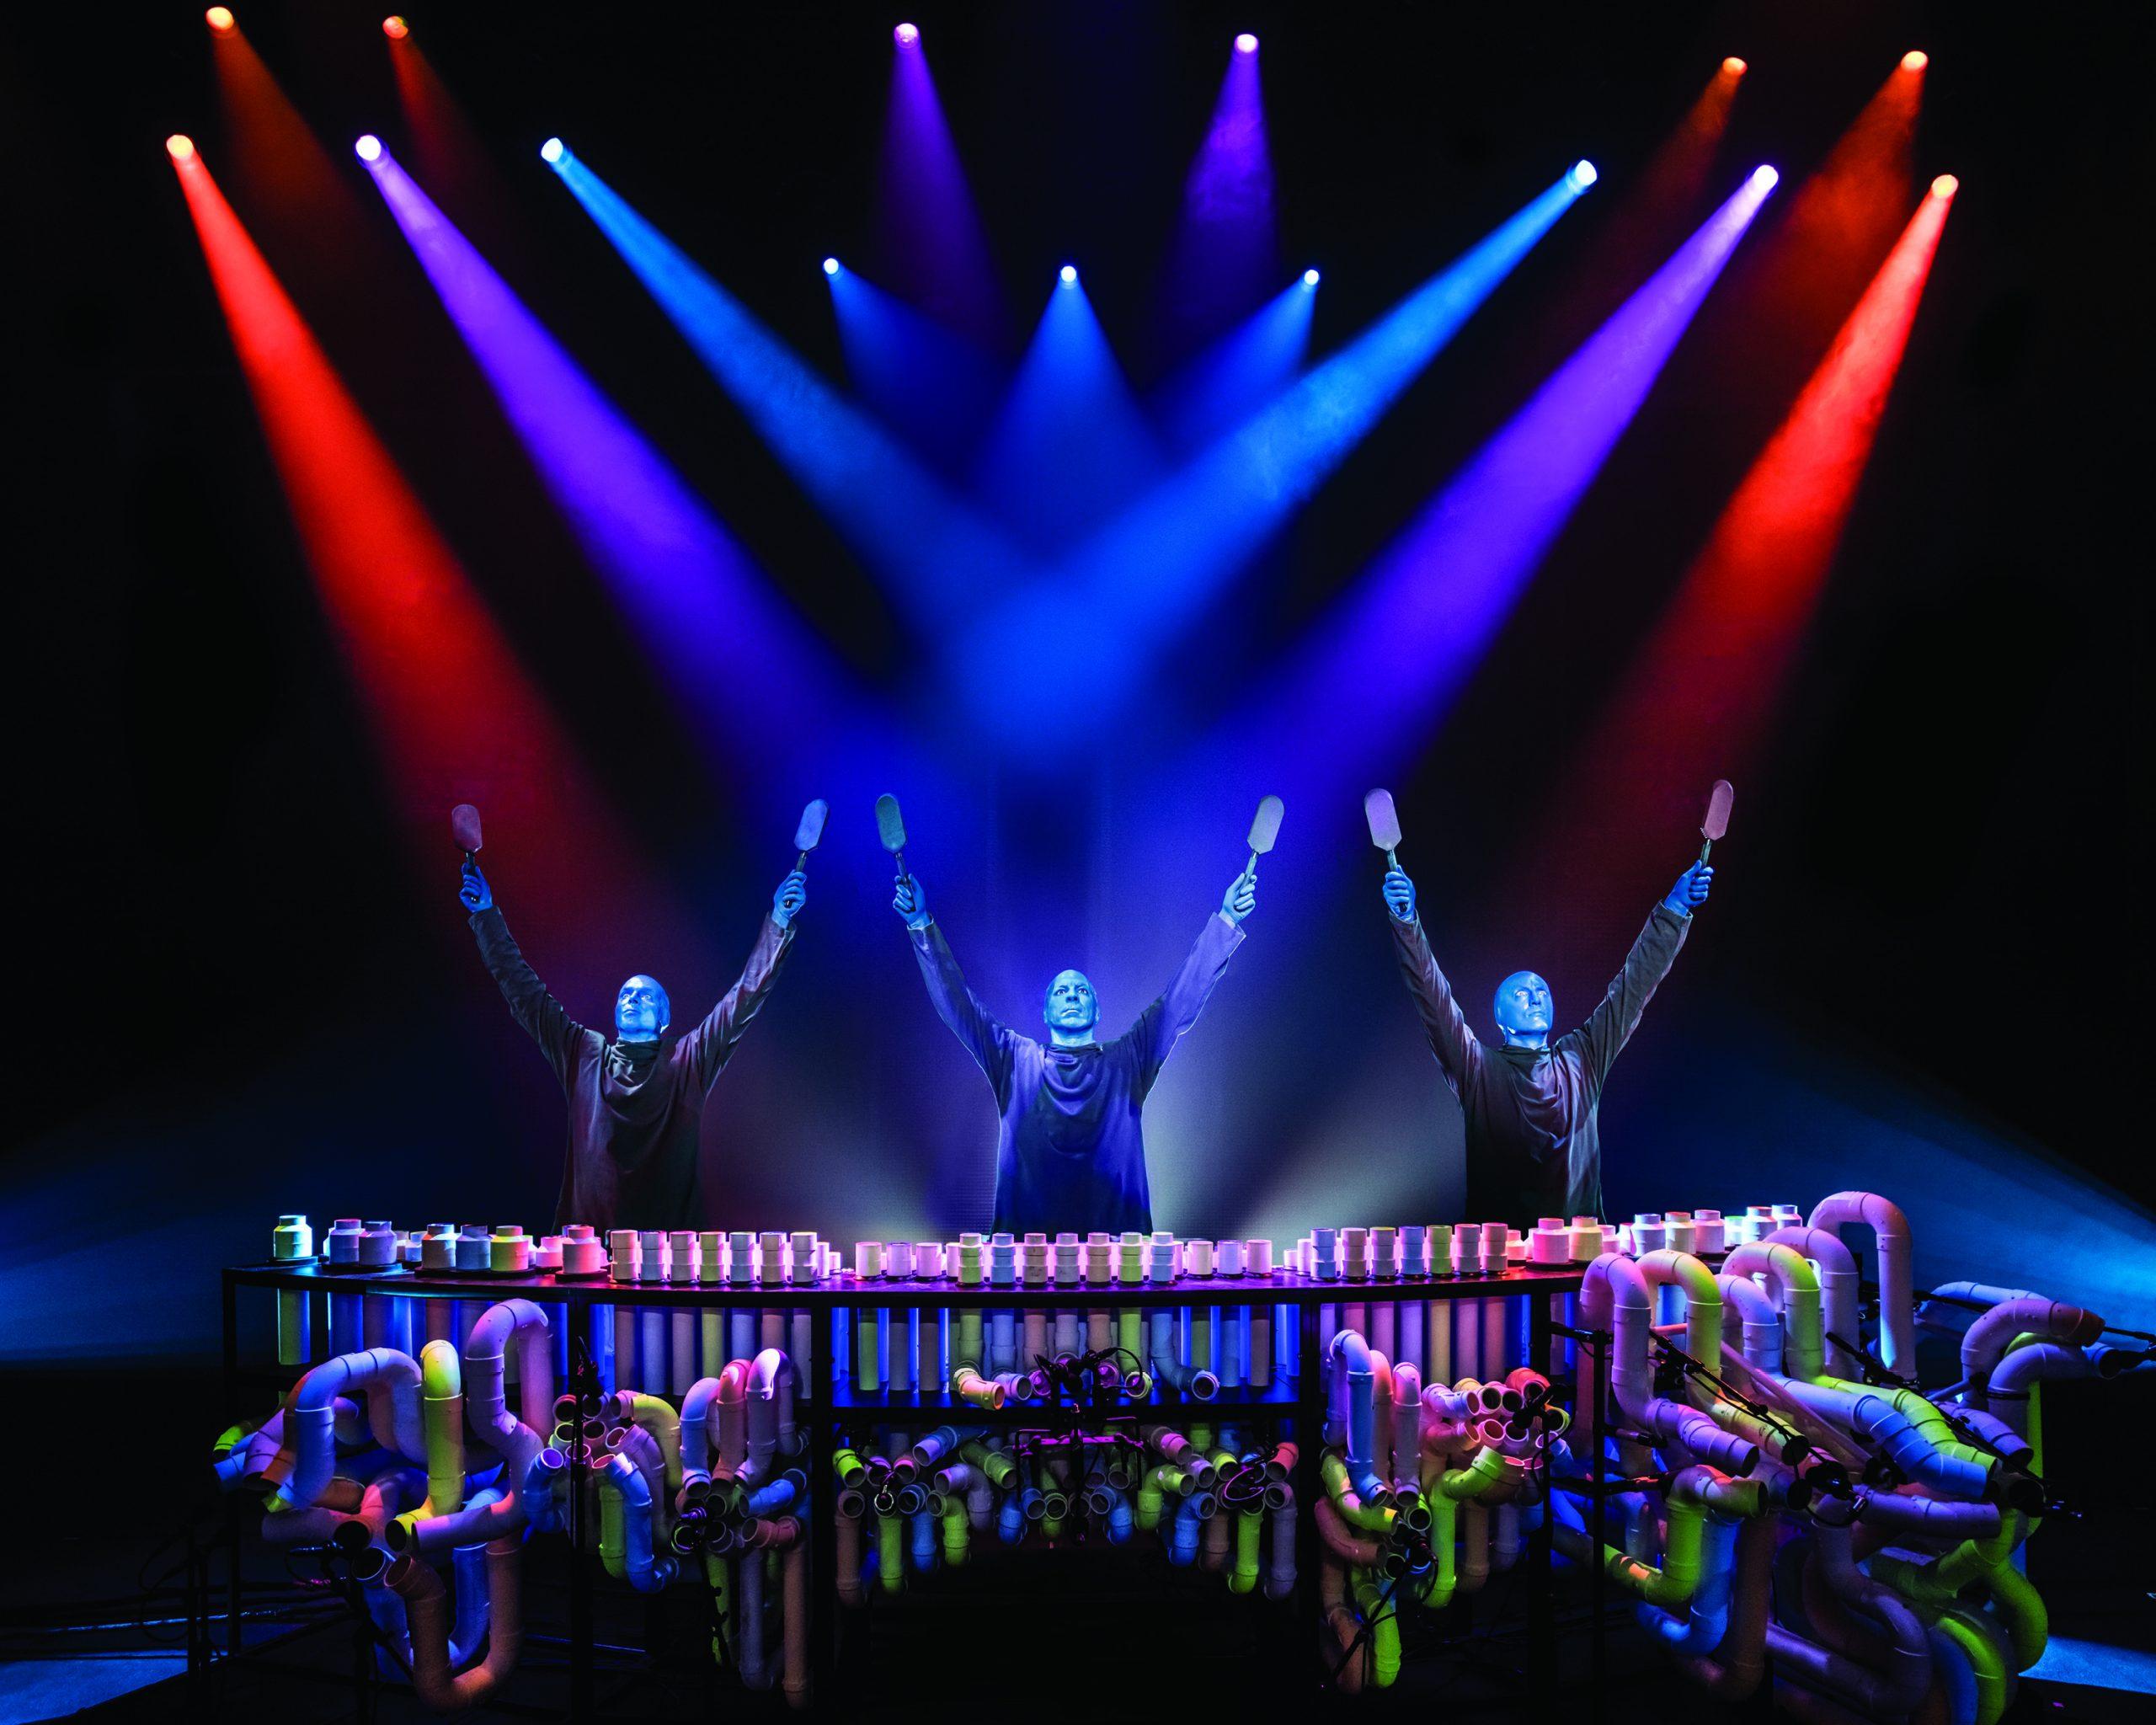 Escena de Blue Man Group en Broadway, Nueva York